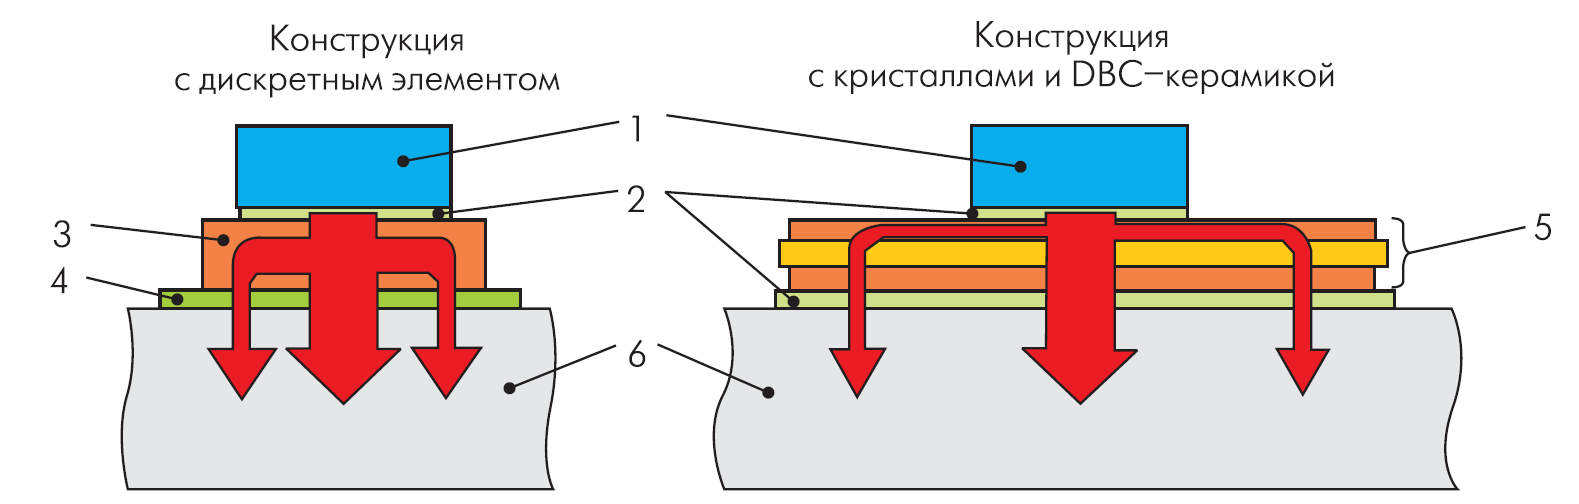 Распределение тепла в дискретной и модульной конструкции